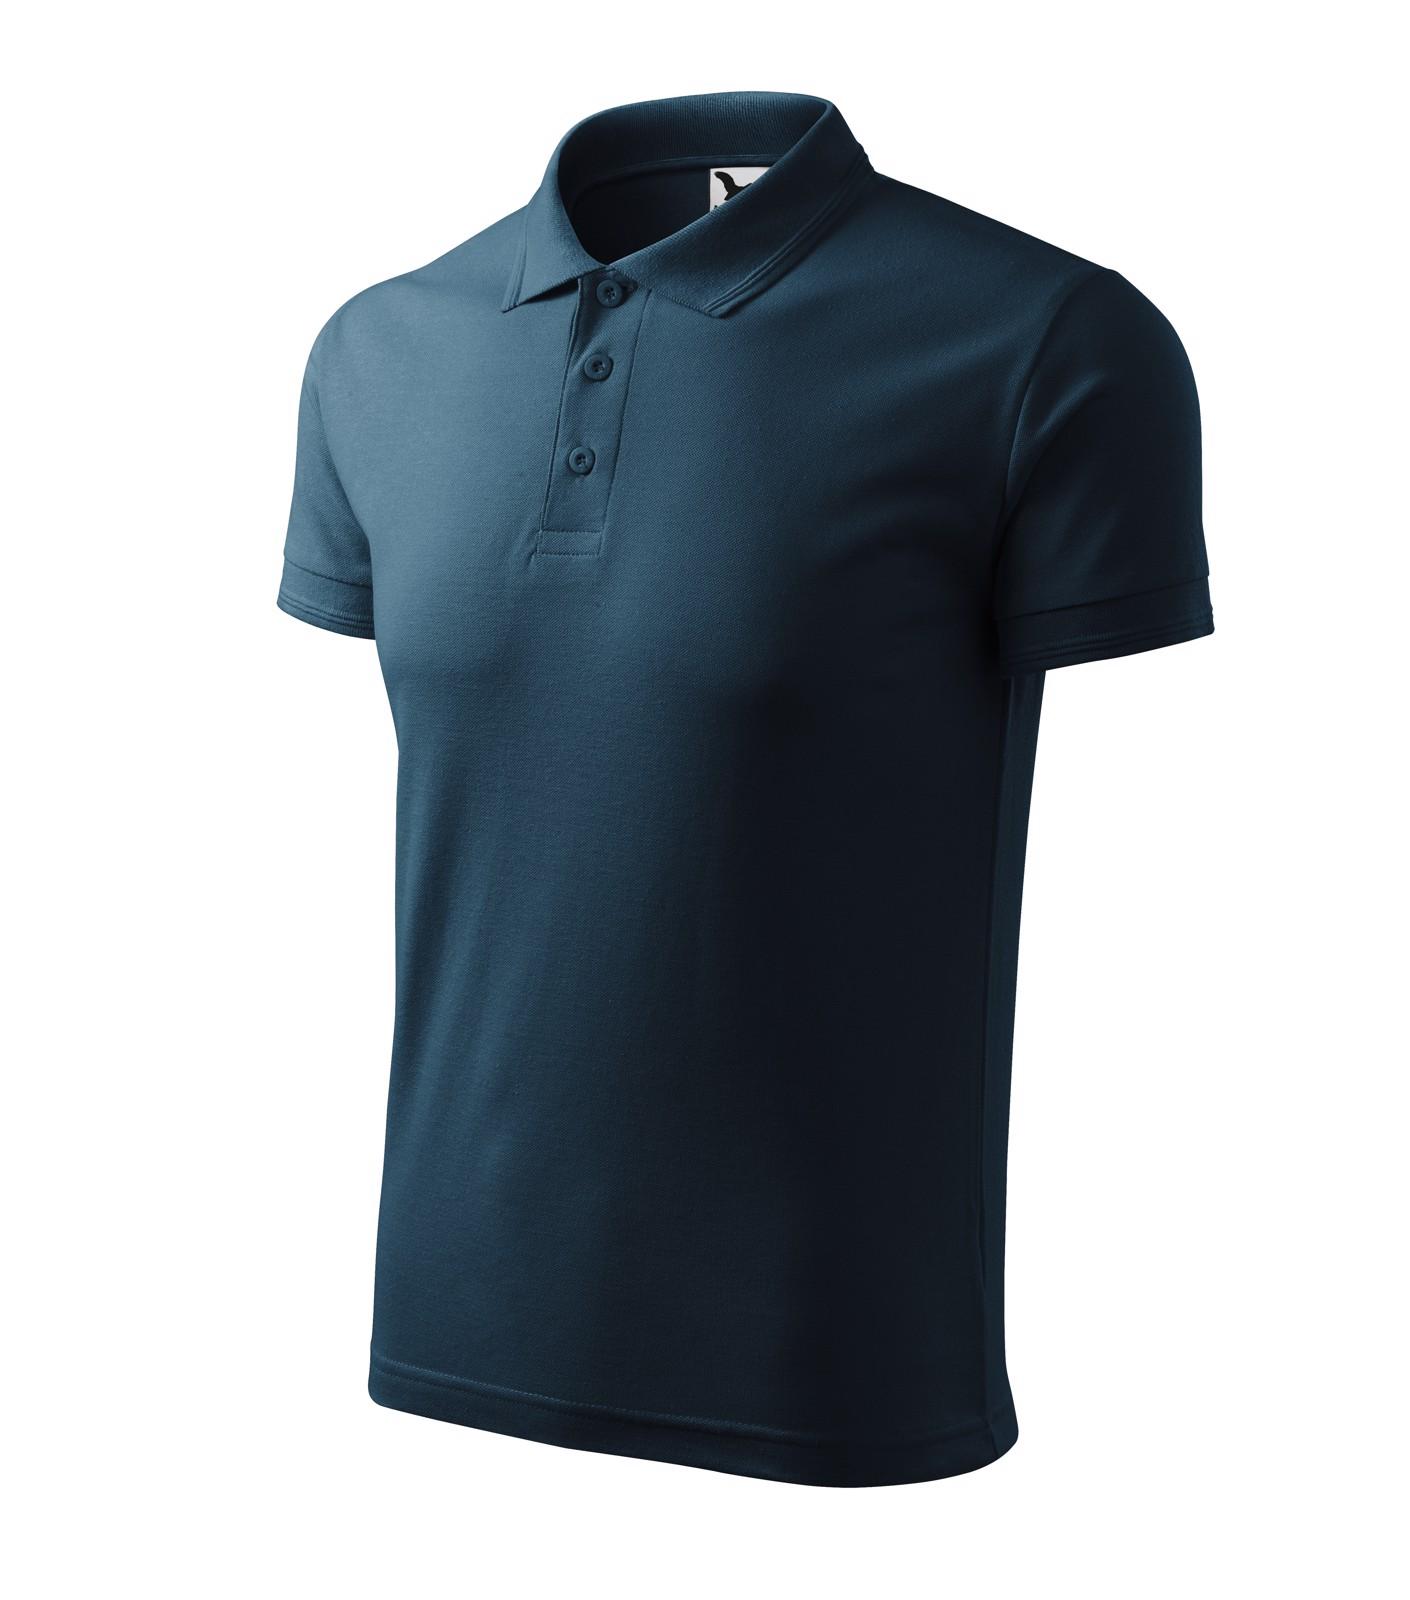 Polo Shirt men's Malfini Pique Polo - Navy Blue / 4XL